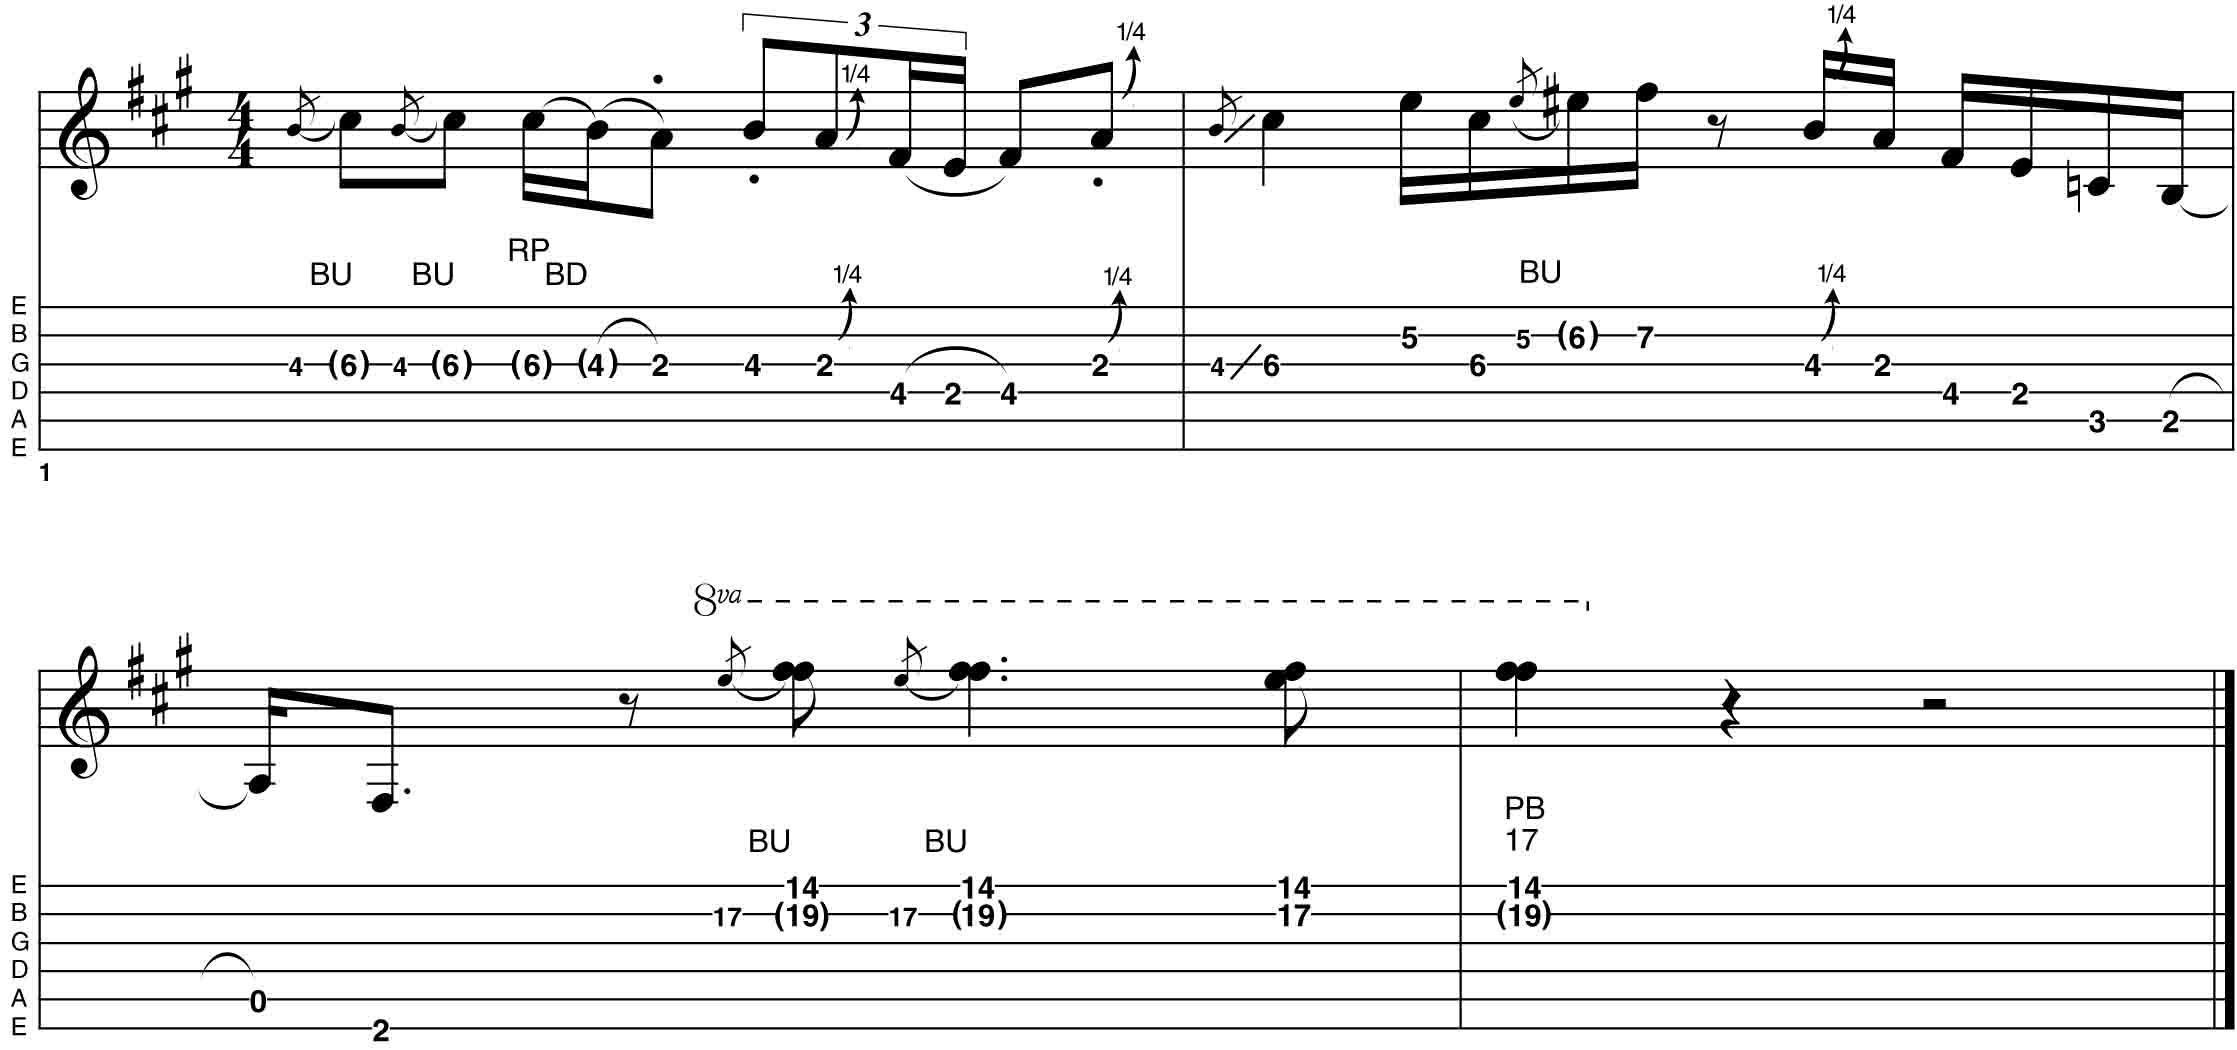 http://cdn.mos.musicradar.com/images/aaaroot/guitars/11nov16/bonamassa-tab/ex-5.jpg